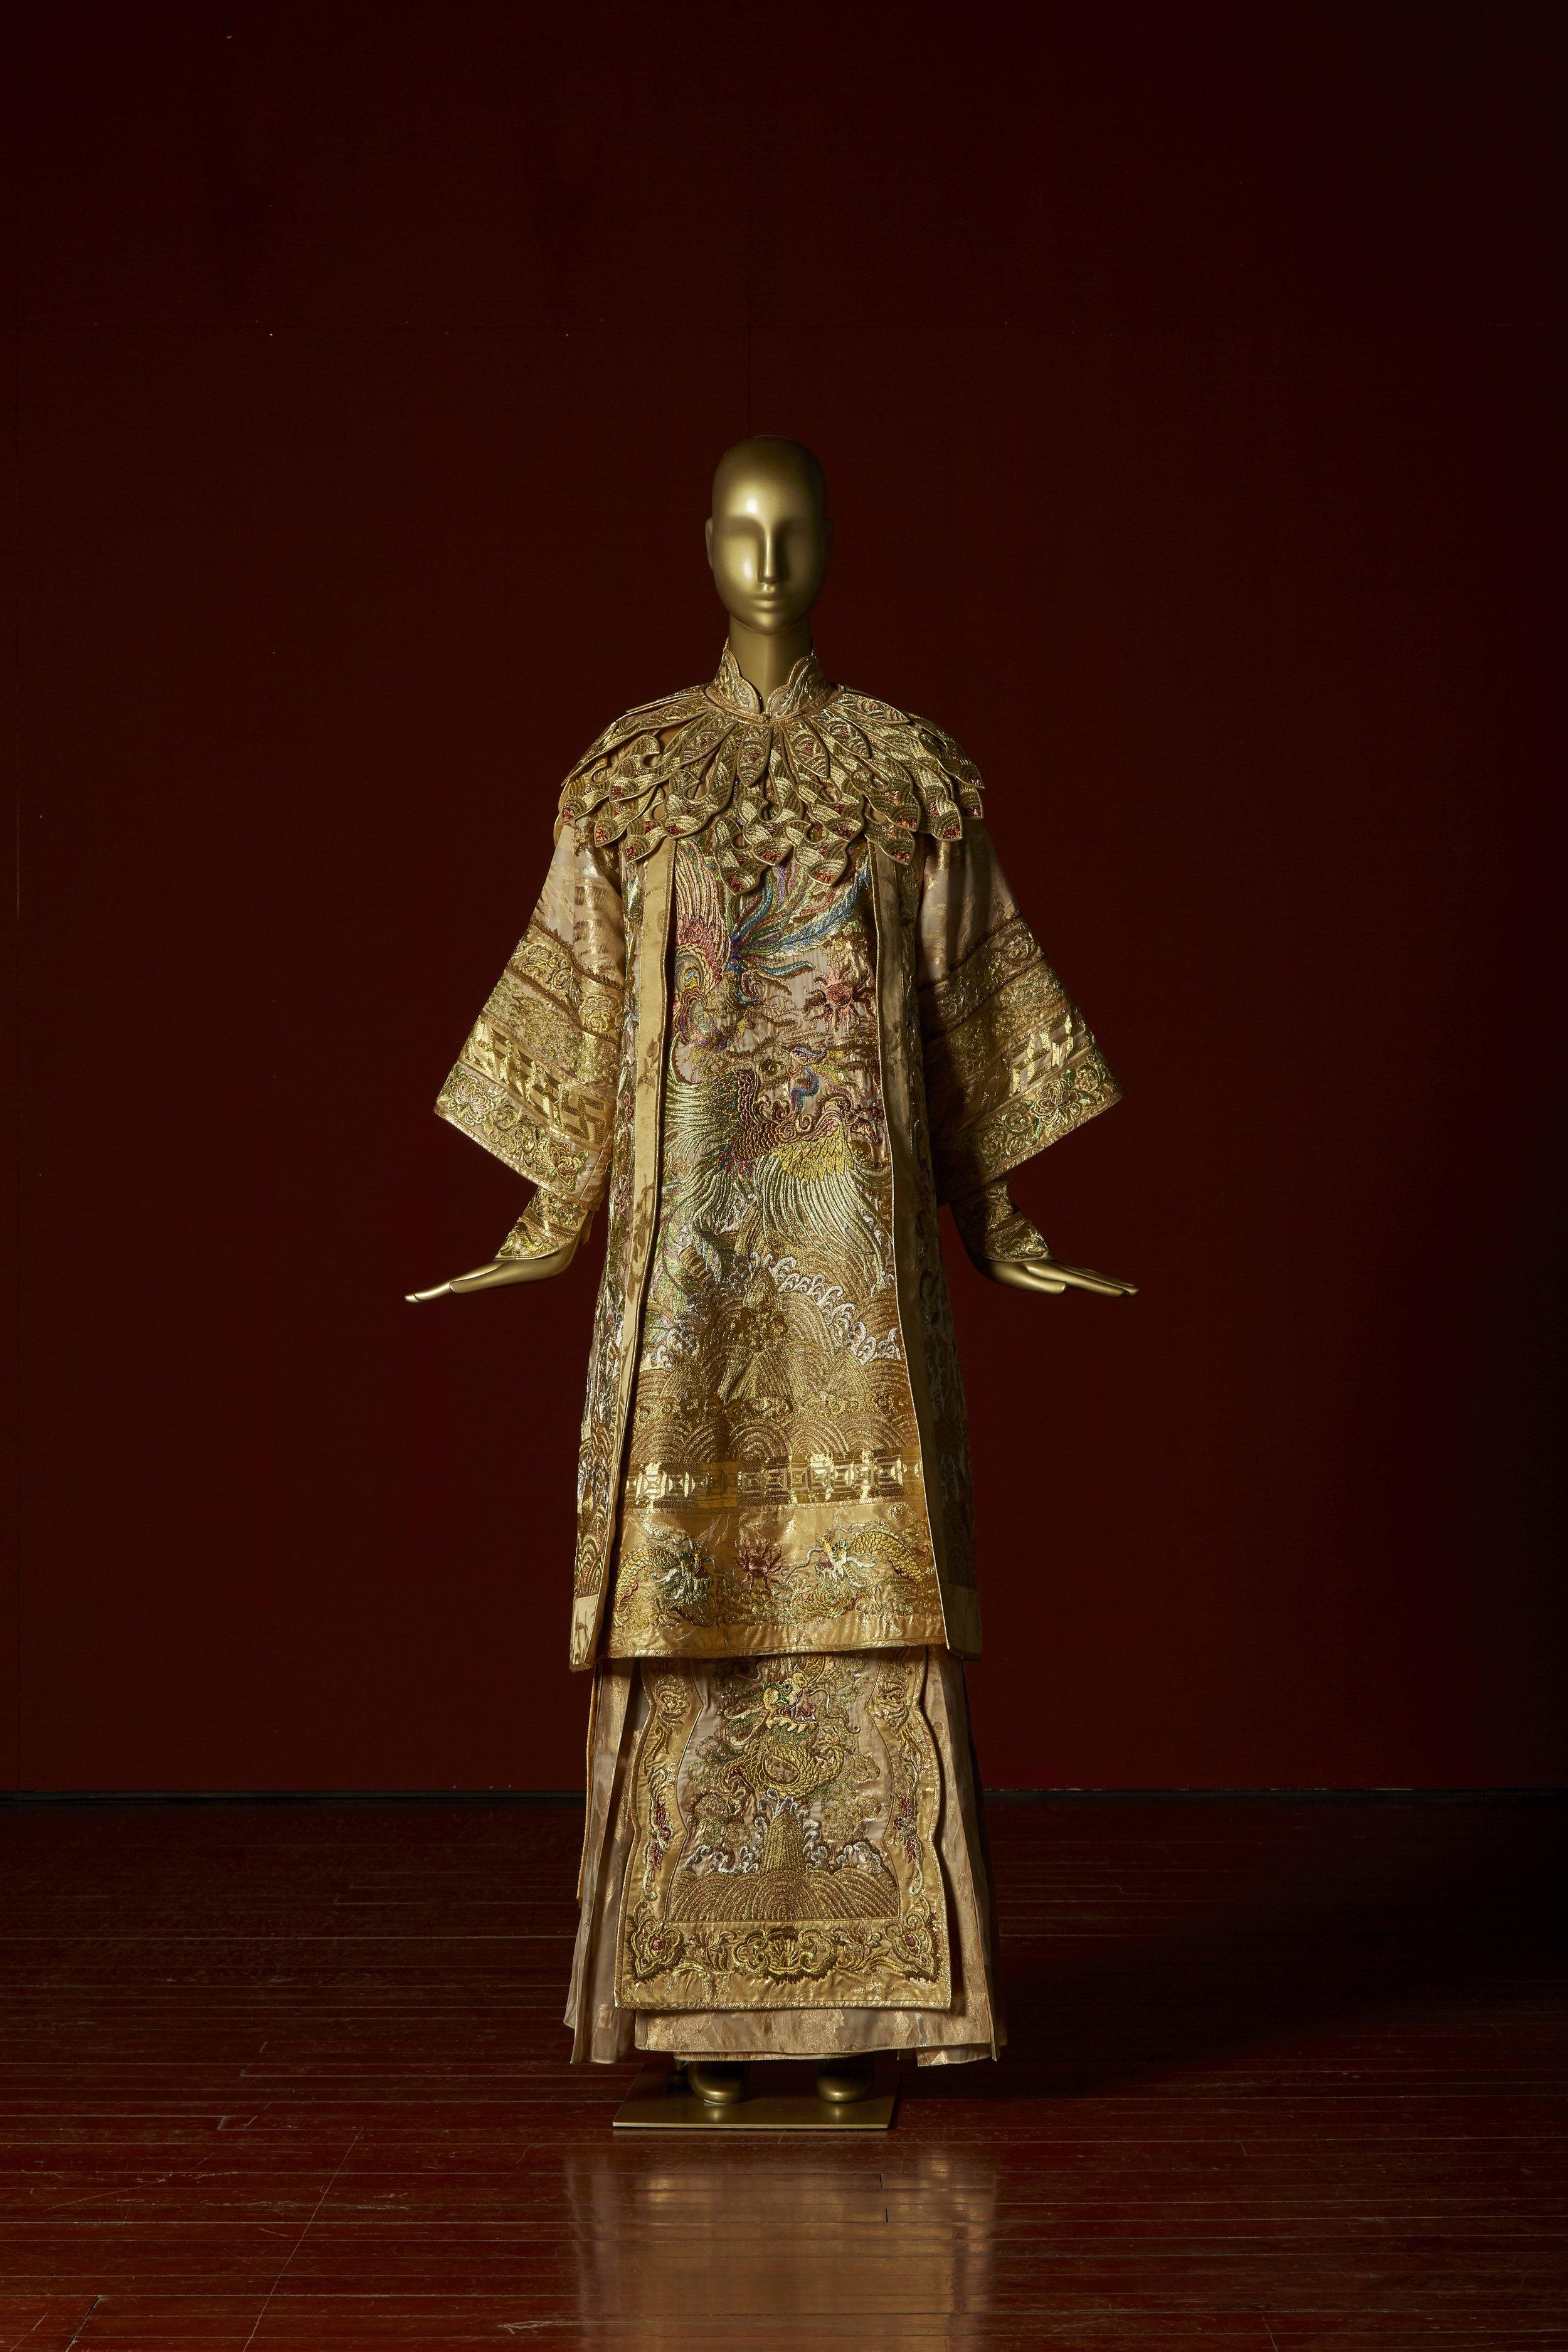 凤求凰 (Courting phoenix bridal ensemble)  Guo Pei, Chinese Bride Collection China, Beijing, 2012 Silk fabric with gold patterning in gold-spun thread, silk thread, beads 180 x 100 x 100 cm 5,000 hours Collection of Guo Pei Image courtesy of Asian Civilisations Museum